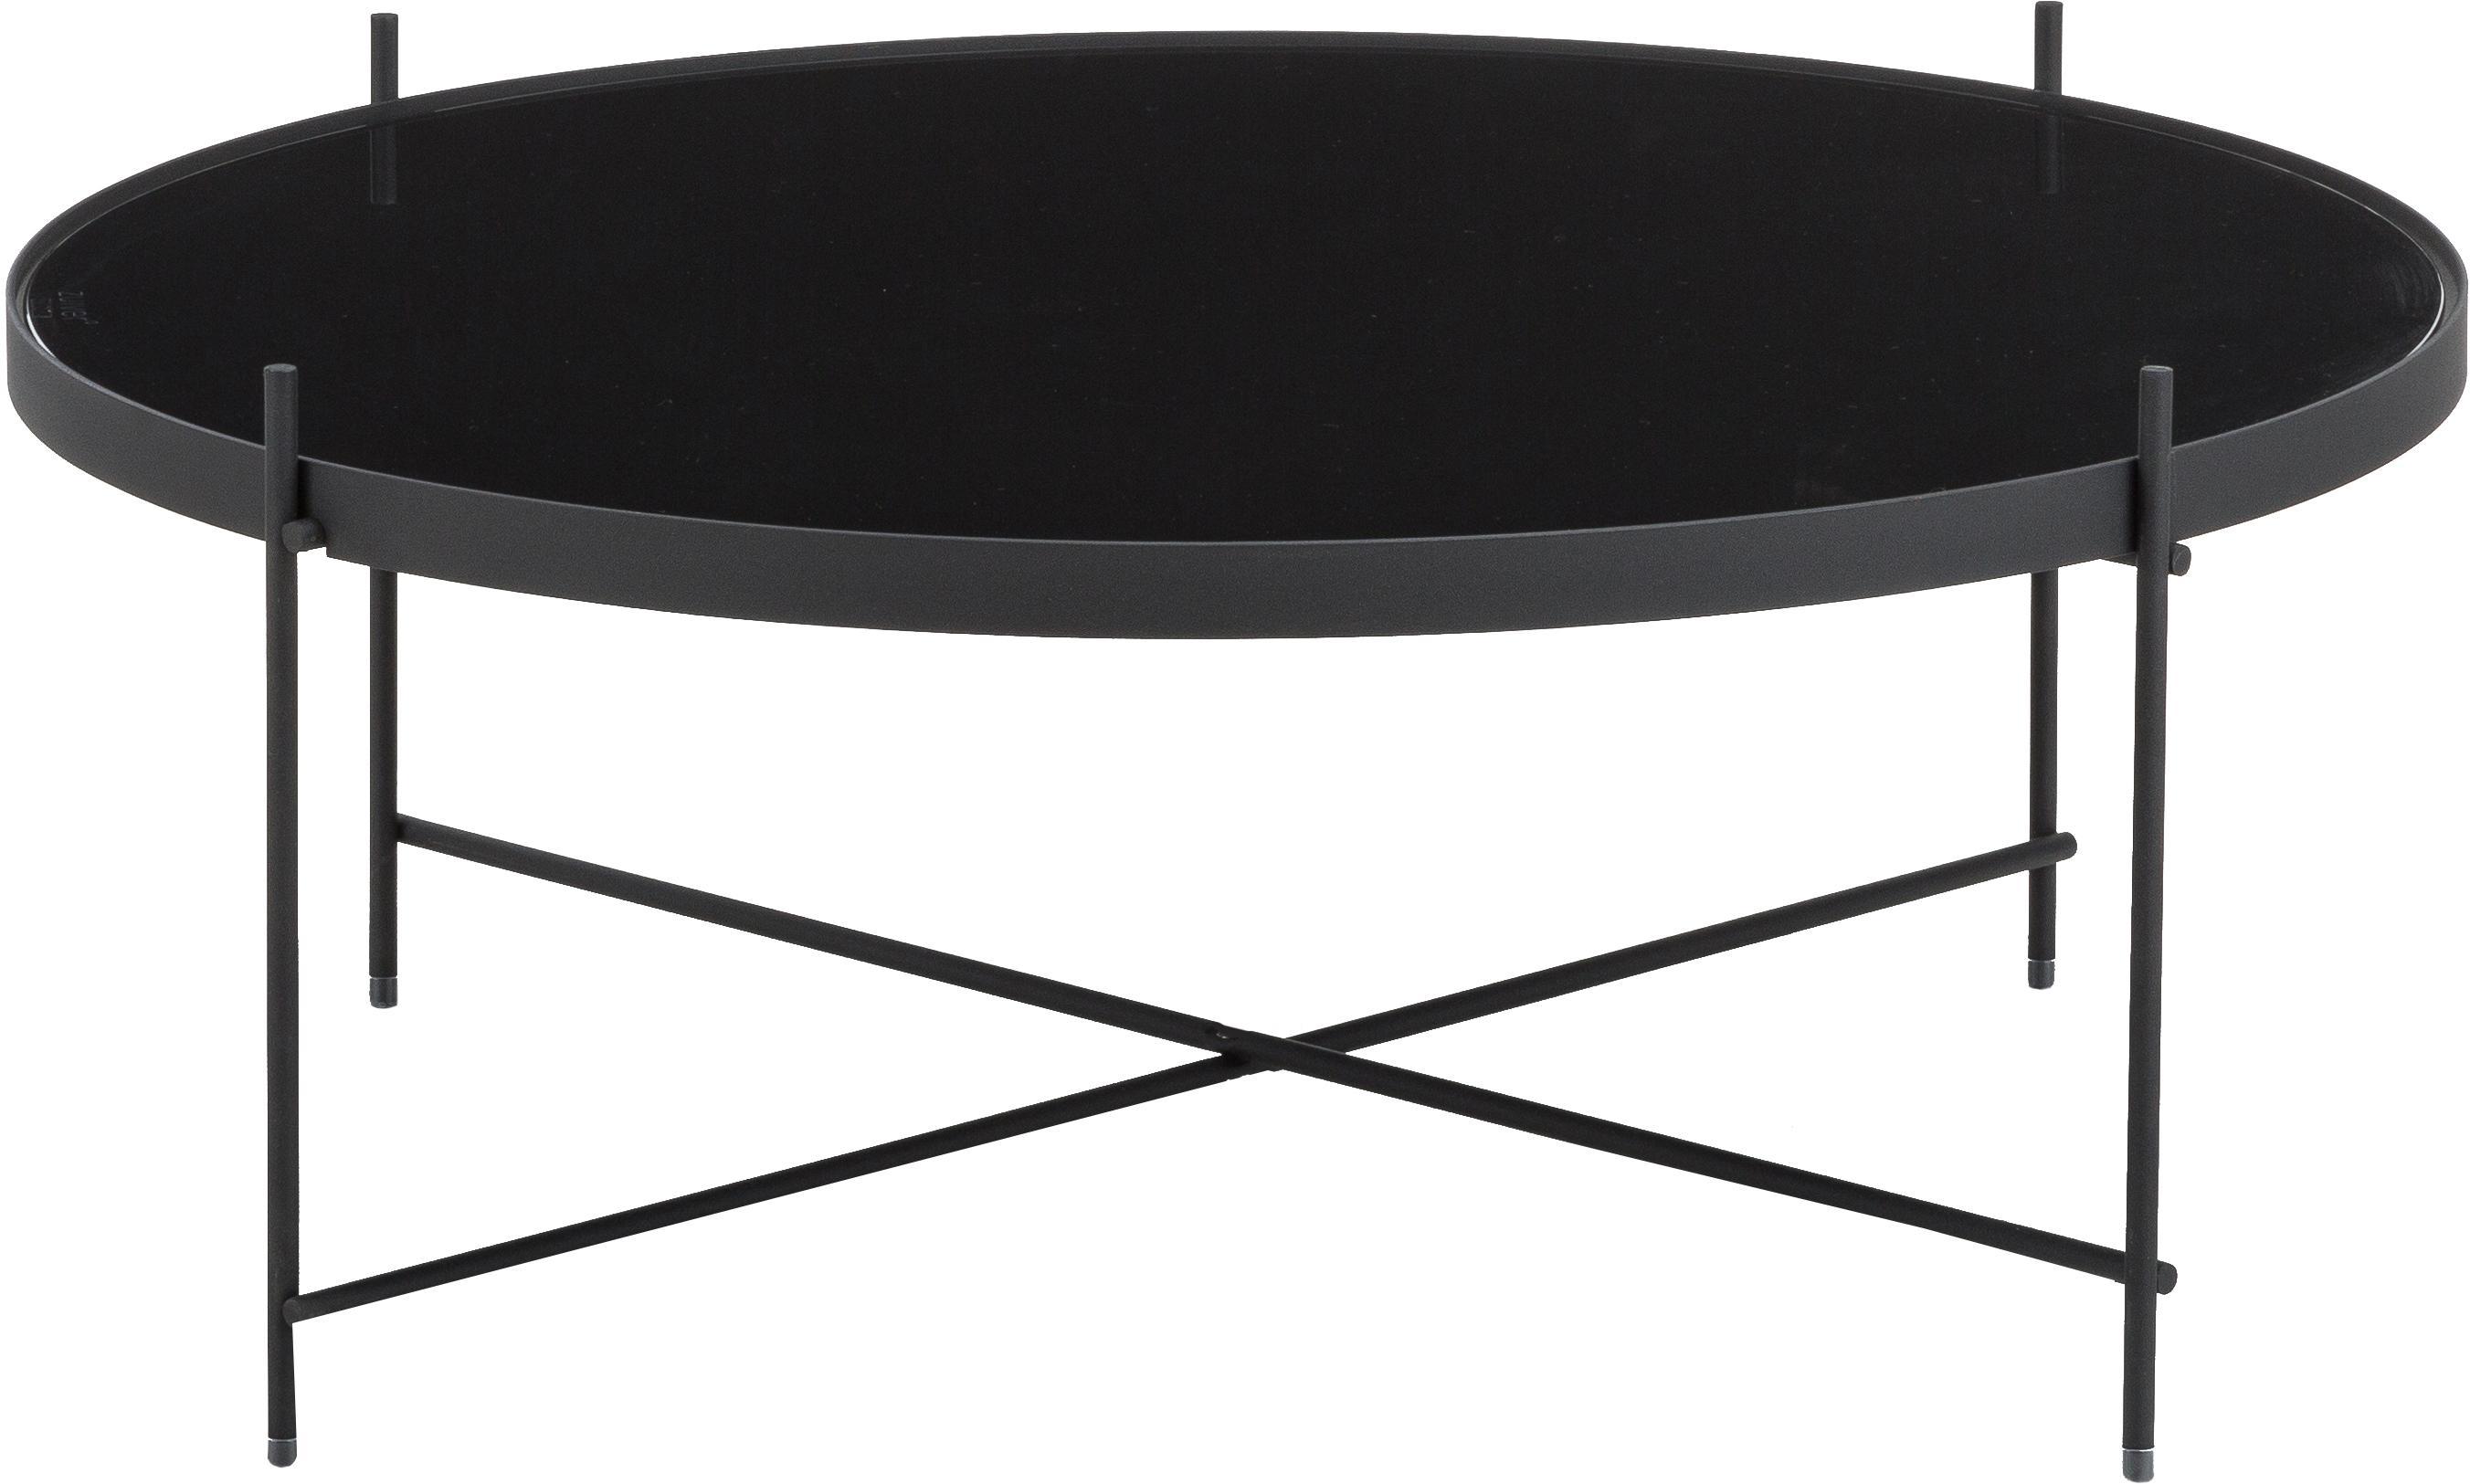 Runder Couchtisch Cupid mit Glasplatte, Gestell: Eisen, pulverbeschichtet, Tischplatte: Schwarzglas, Schwarz, Ø 83 x H 35 cm